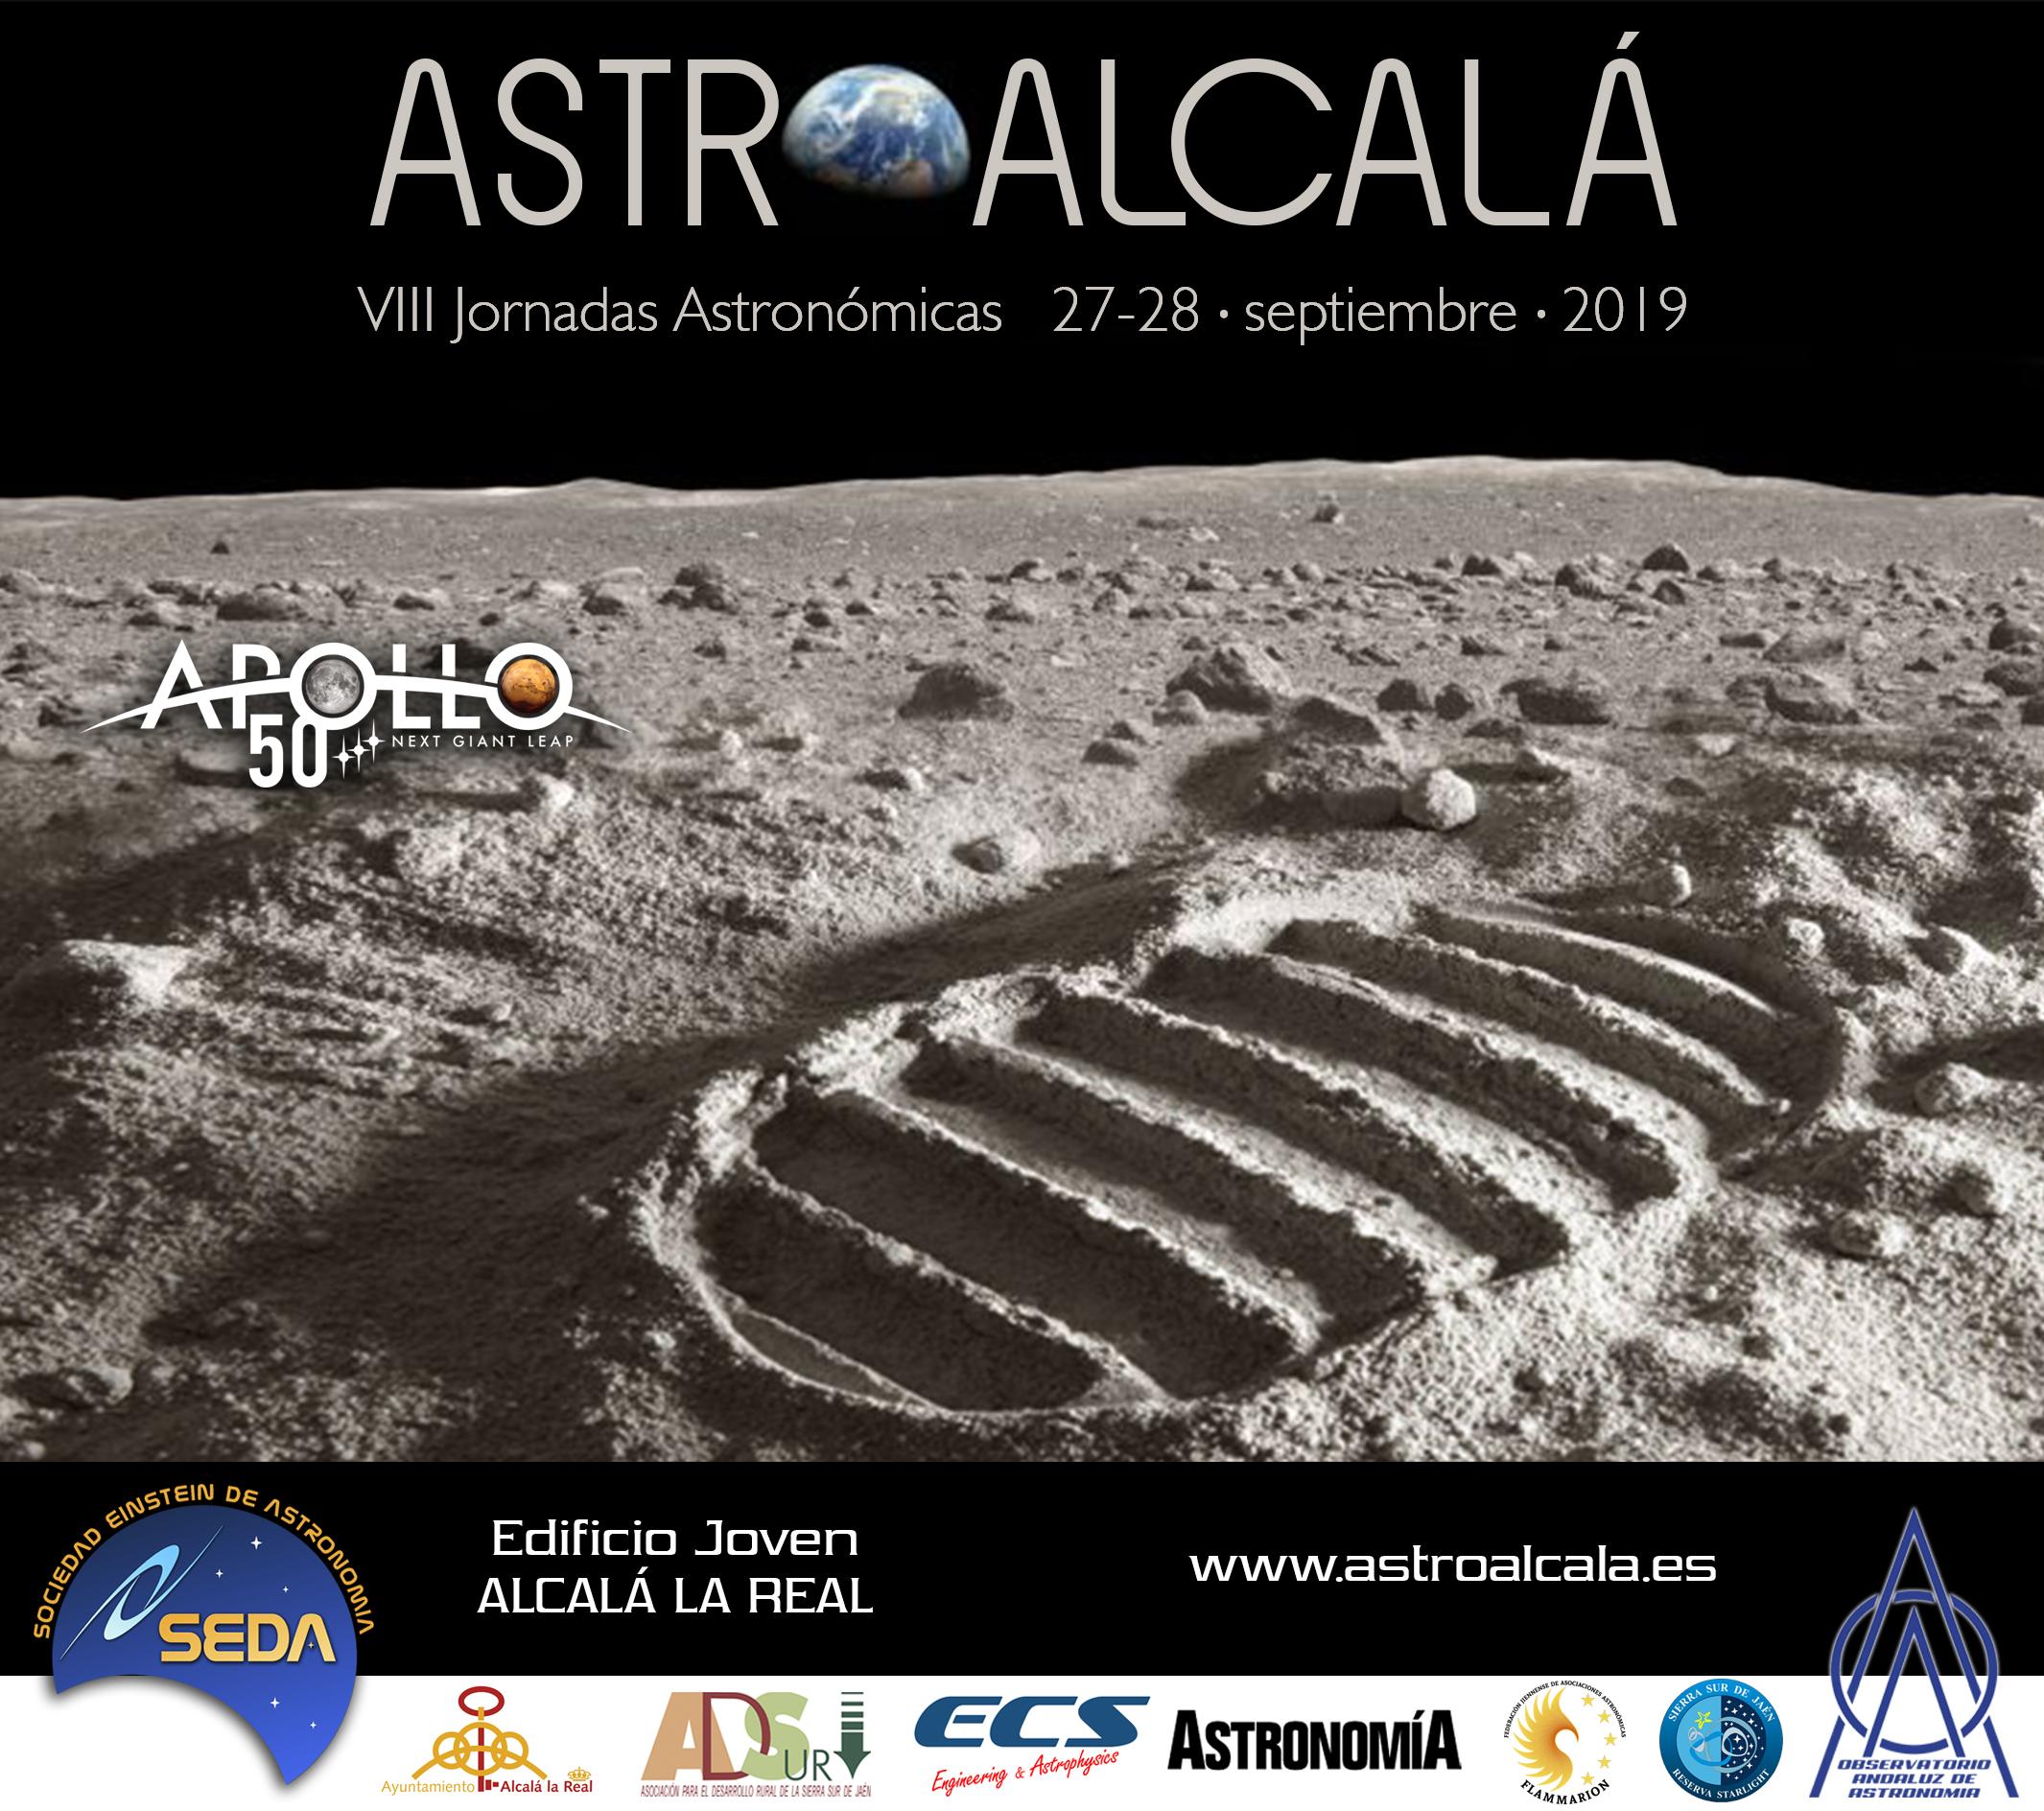 astroalcala2019